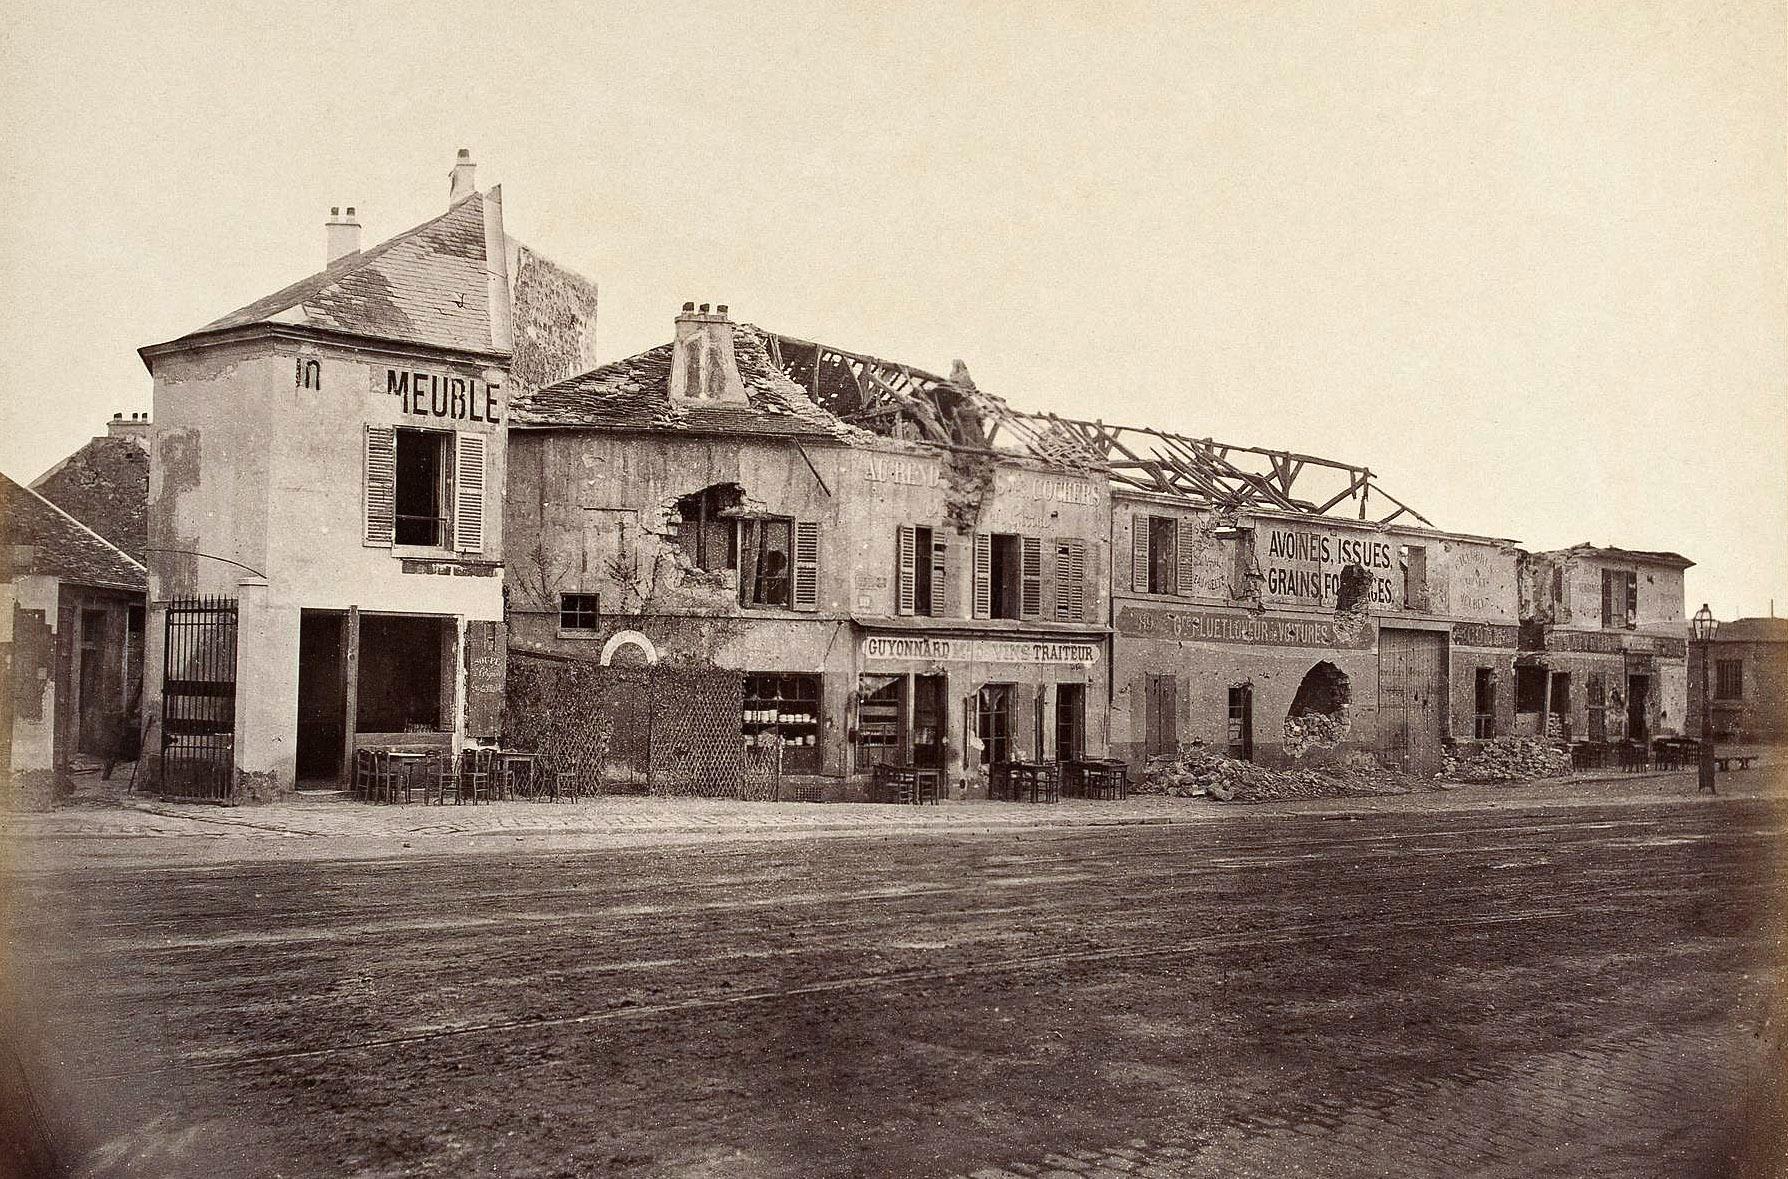 Ruines de la Commune. Point du jour, porte de Saint-Cloud, 16ème arrondissement, Paris, 1870-1871.